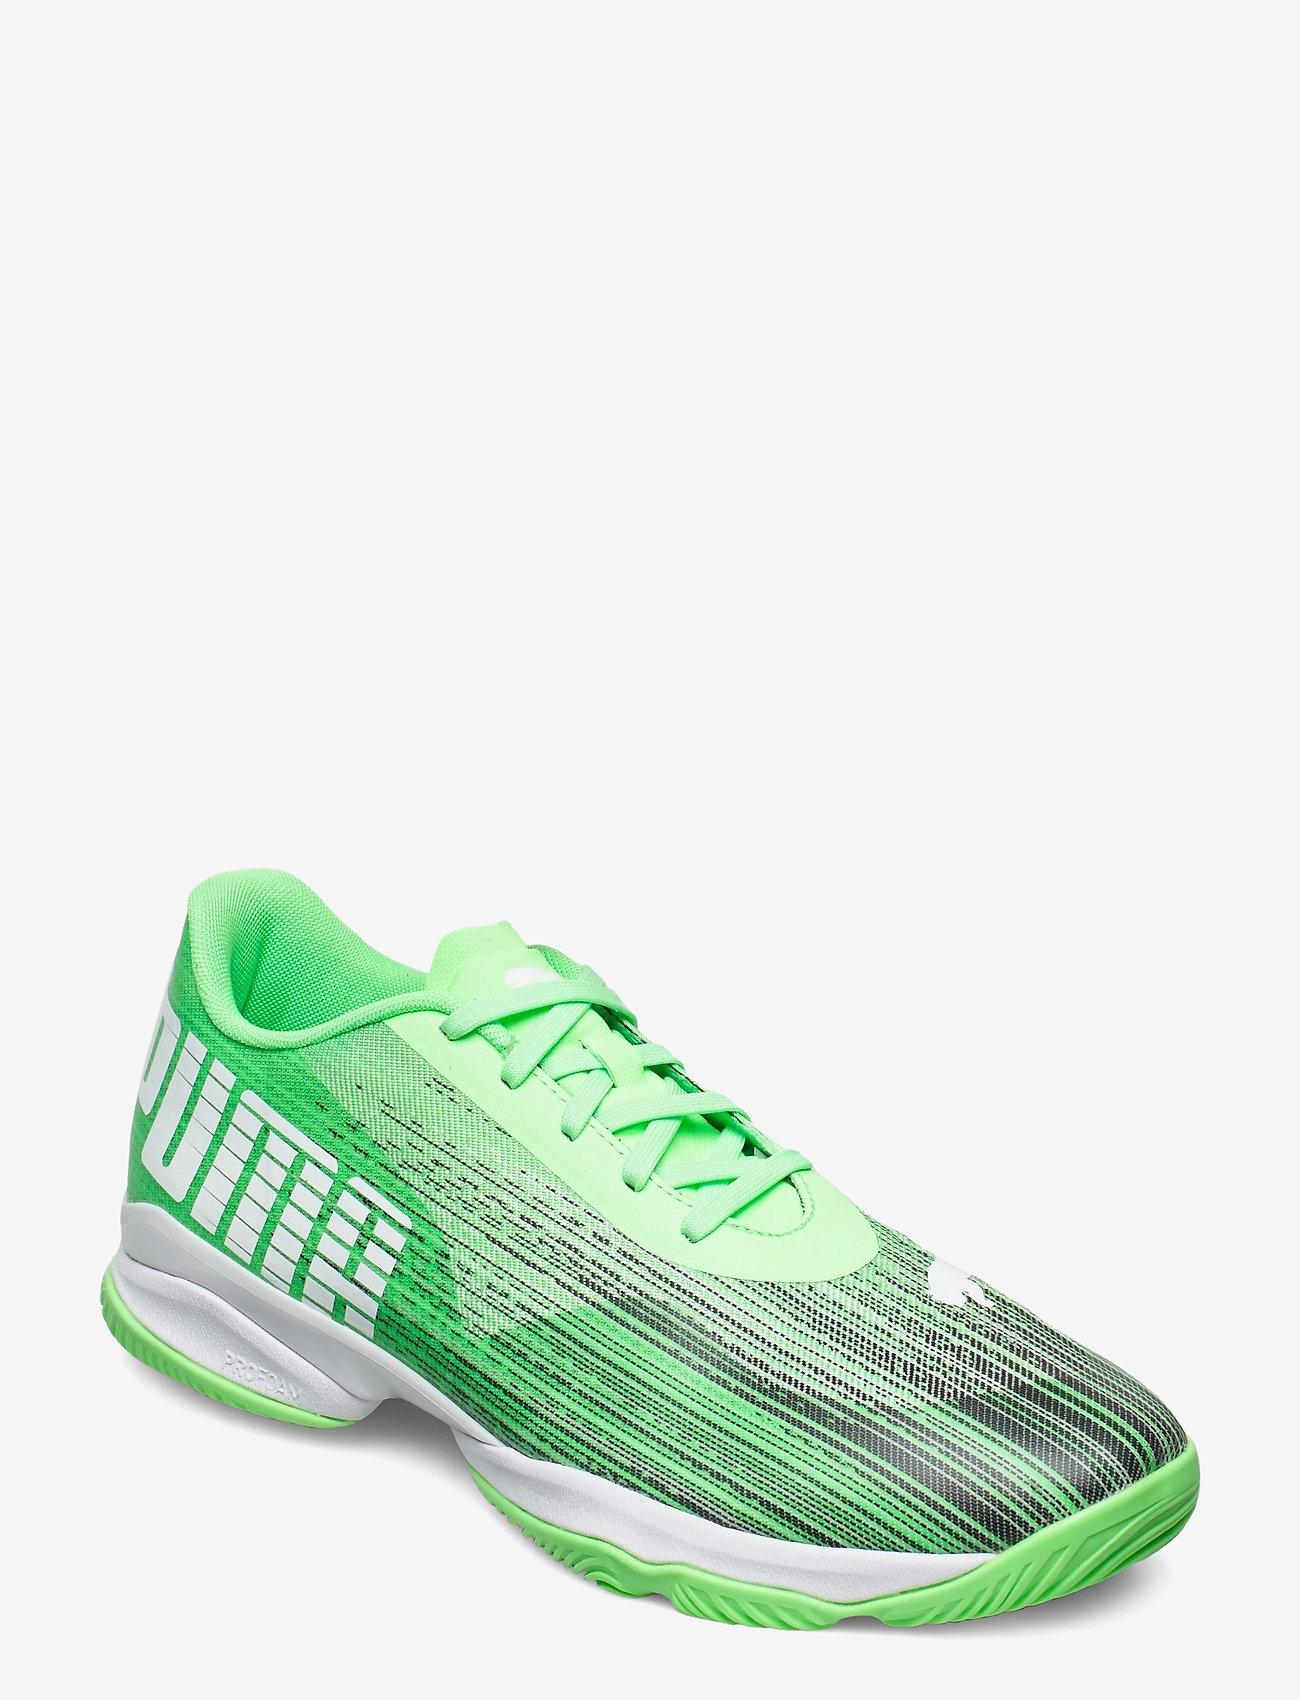 PUMA Adrenalite 2.1 - Sport shoes   Boozt.com